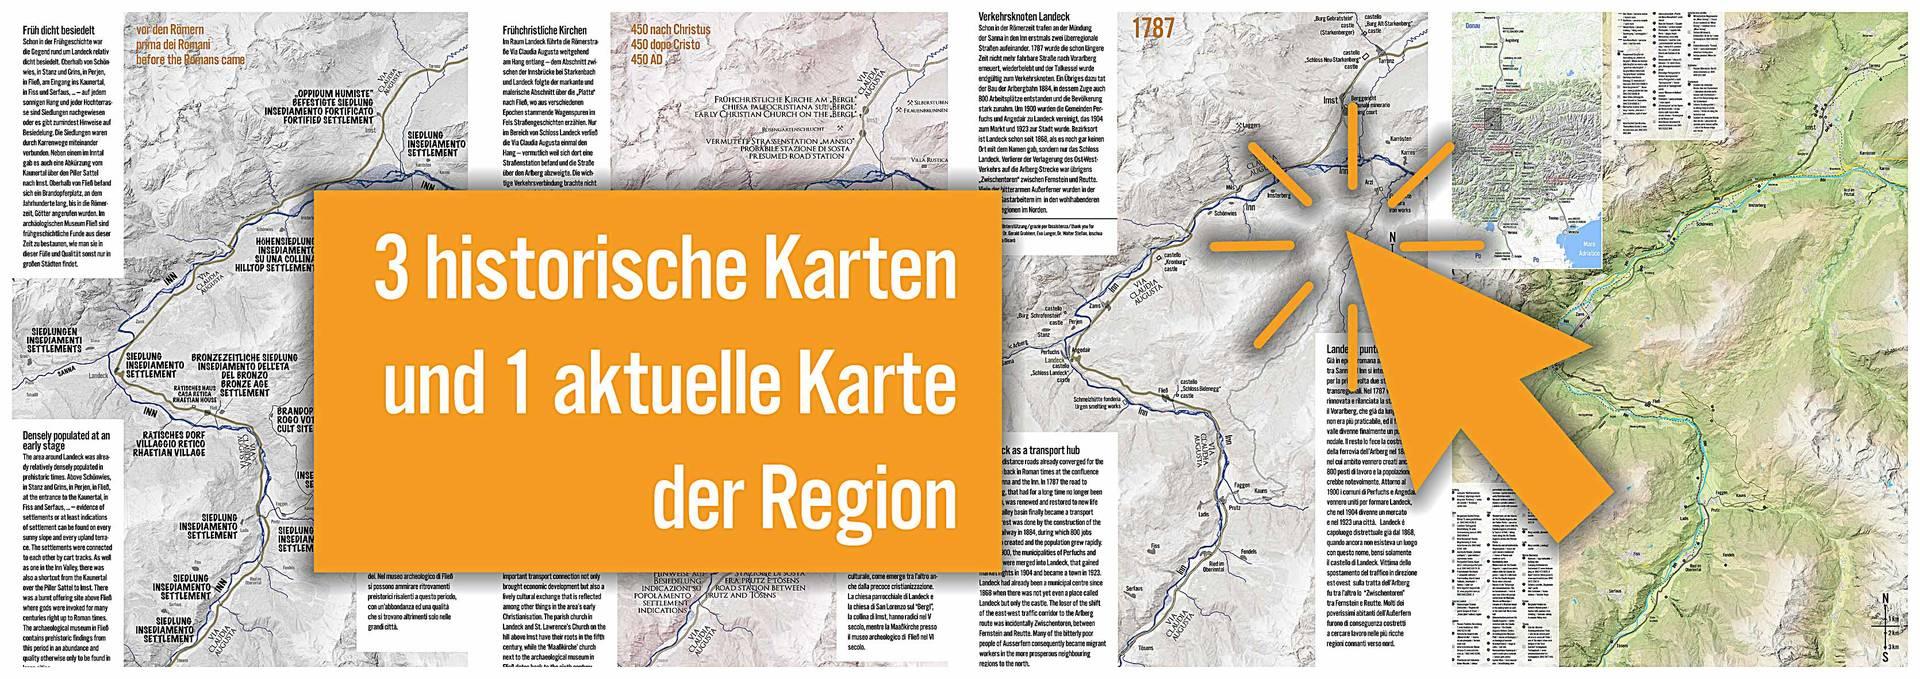 Historische Karten mit Ausgabe in ISSUU